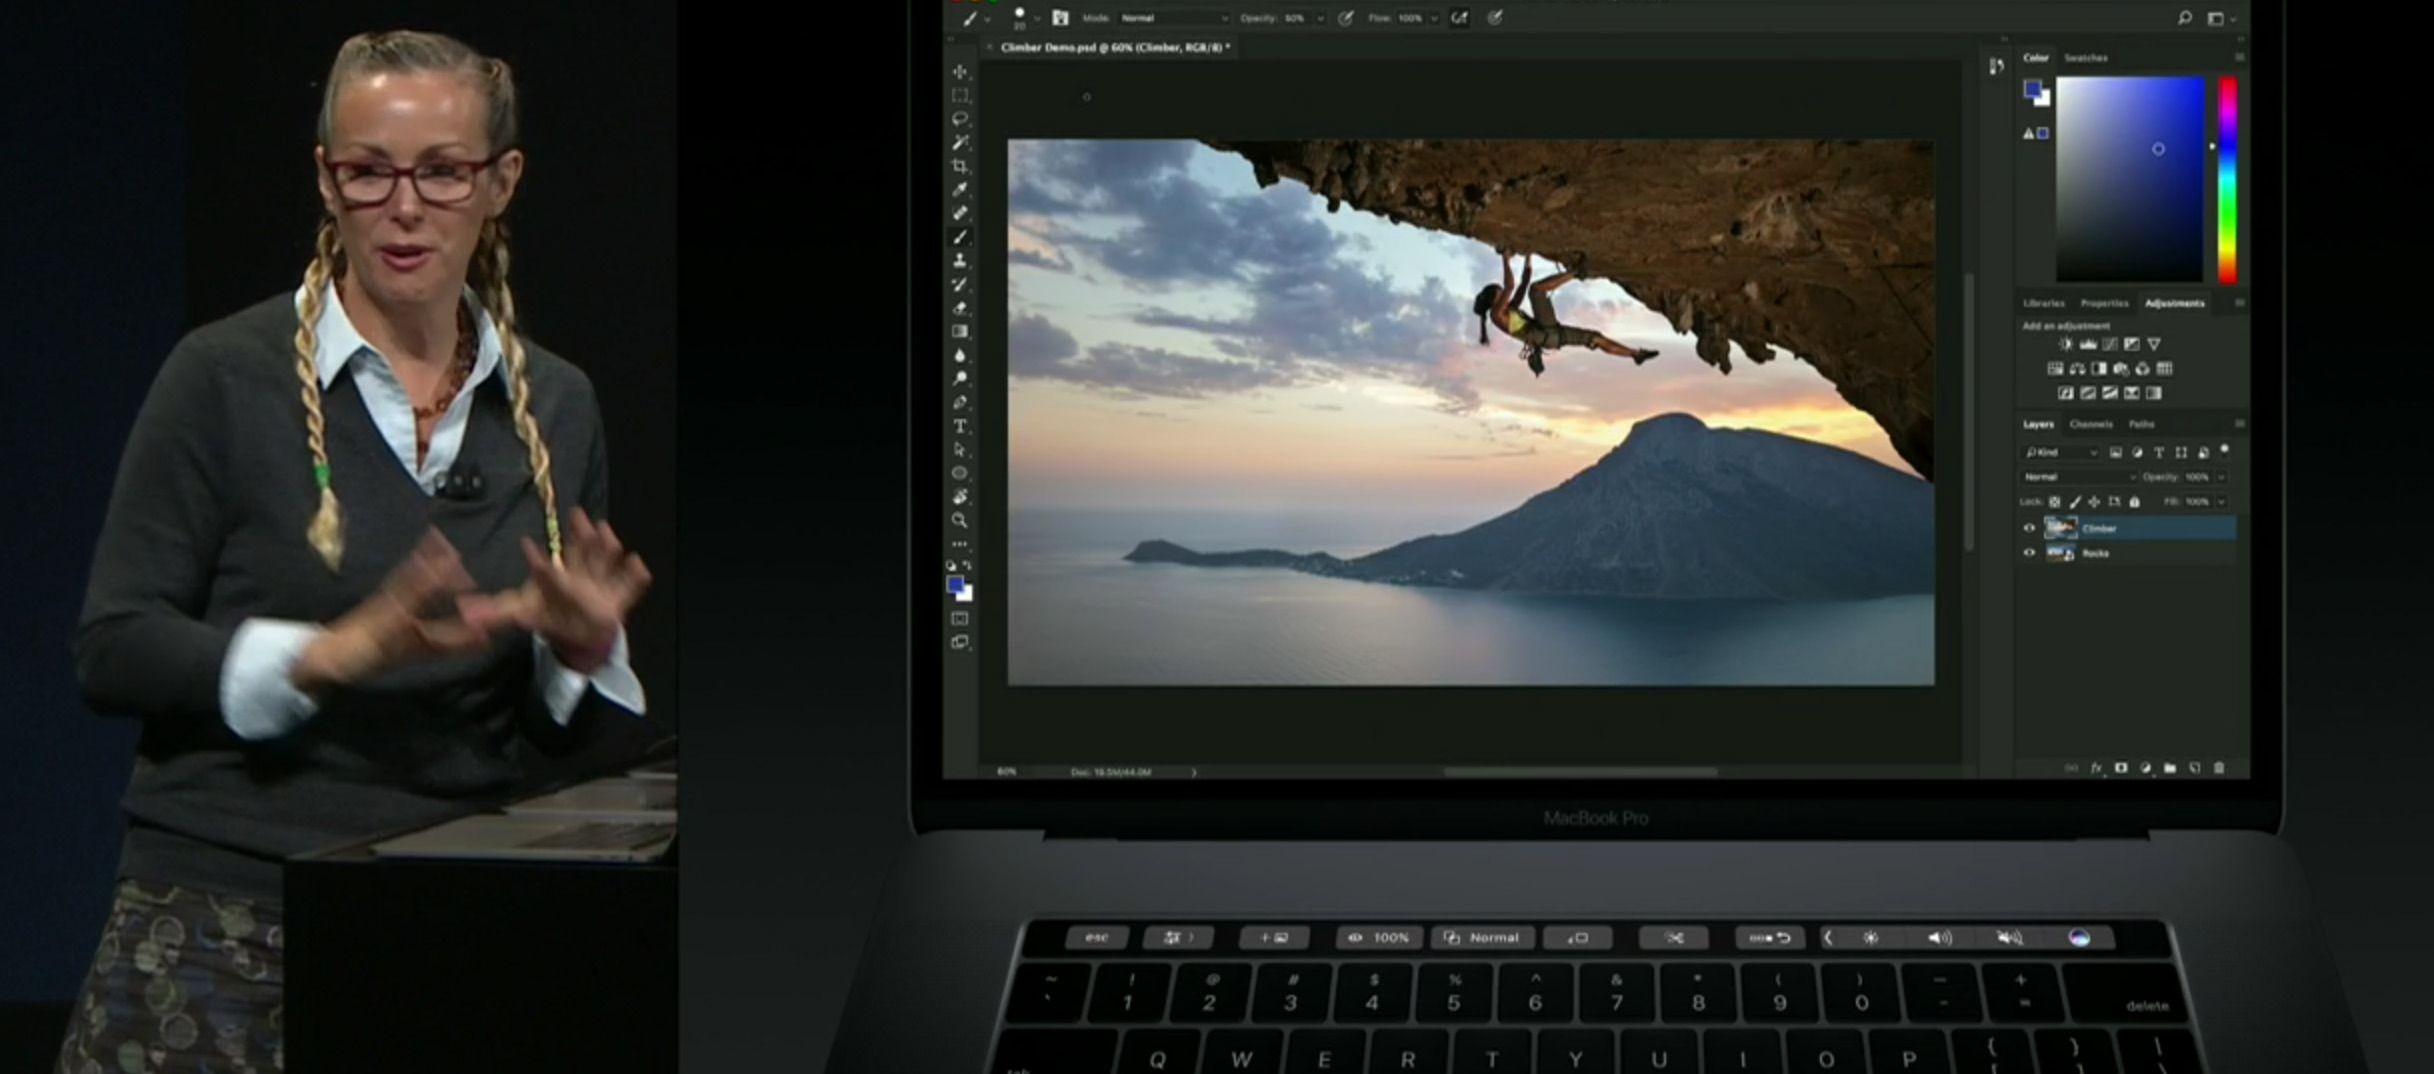 Touch Bar støtter naturligvis også Adobe Photoshop.